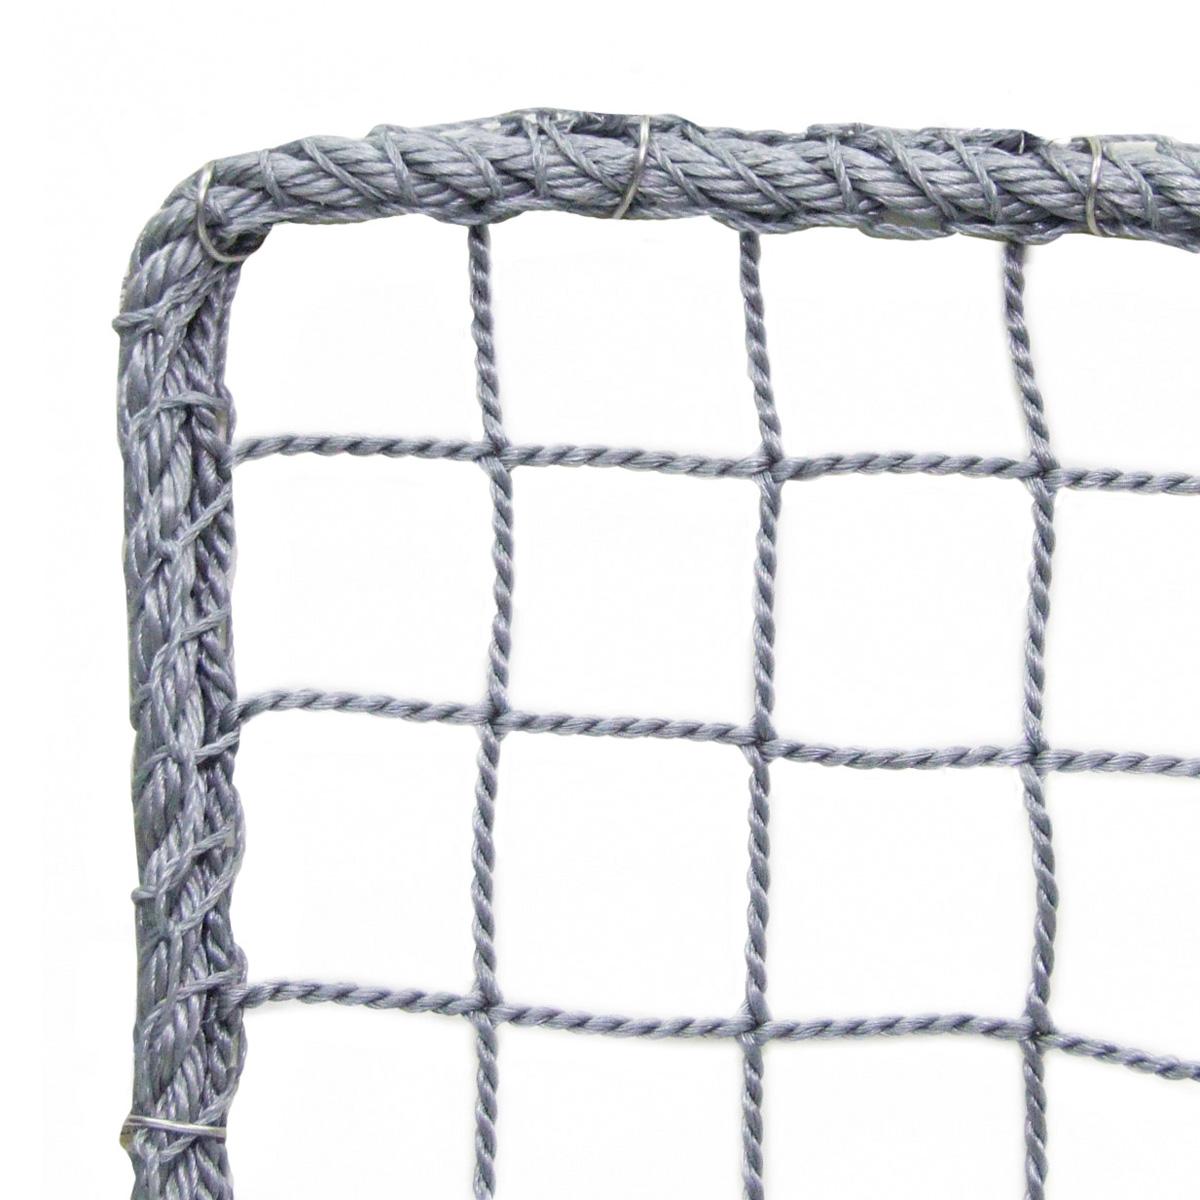 標準仕様 周囲ロープ(Φ6.0)付 ※ホワイトのみΦ5.0